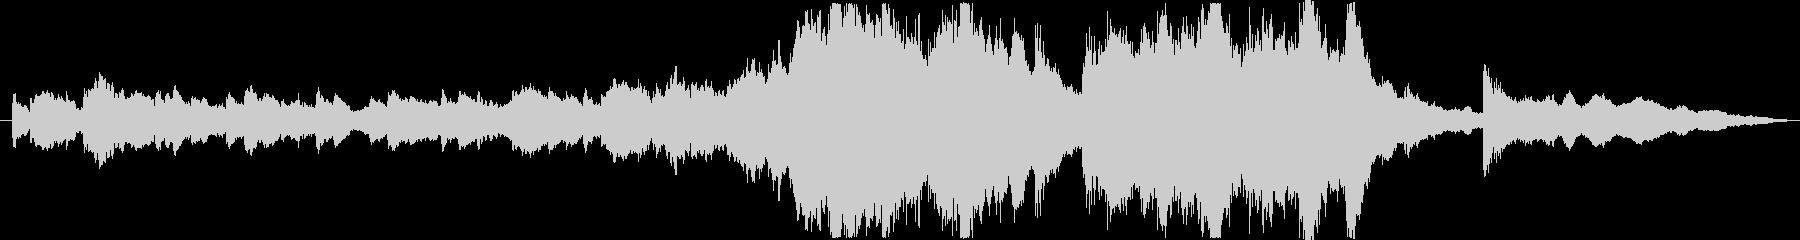 RPG/感動的イベント/オーケストラの未再生の波形